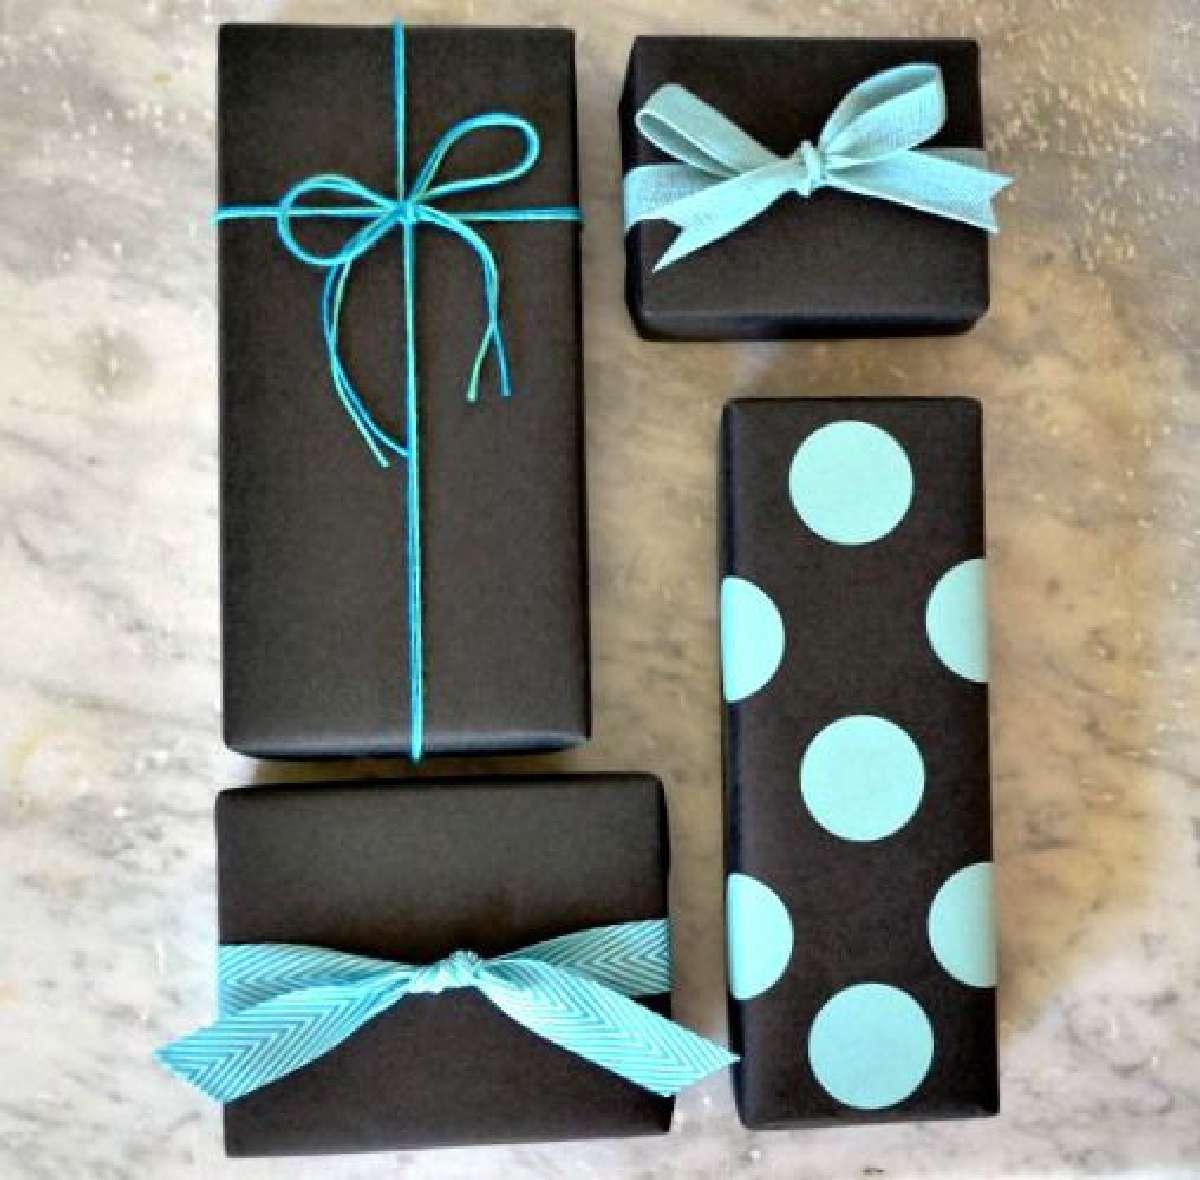 Originales ideas para decorar y envolver los regalos navideños 12